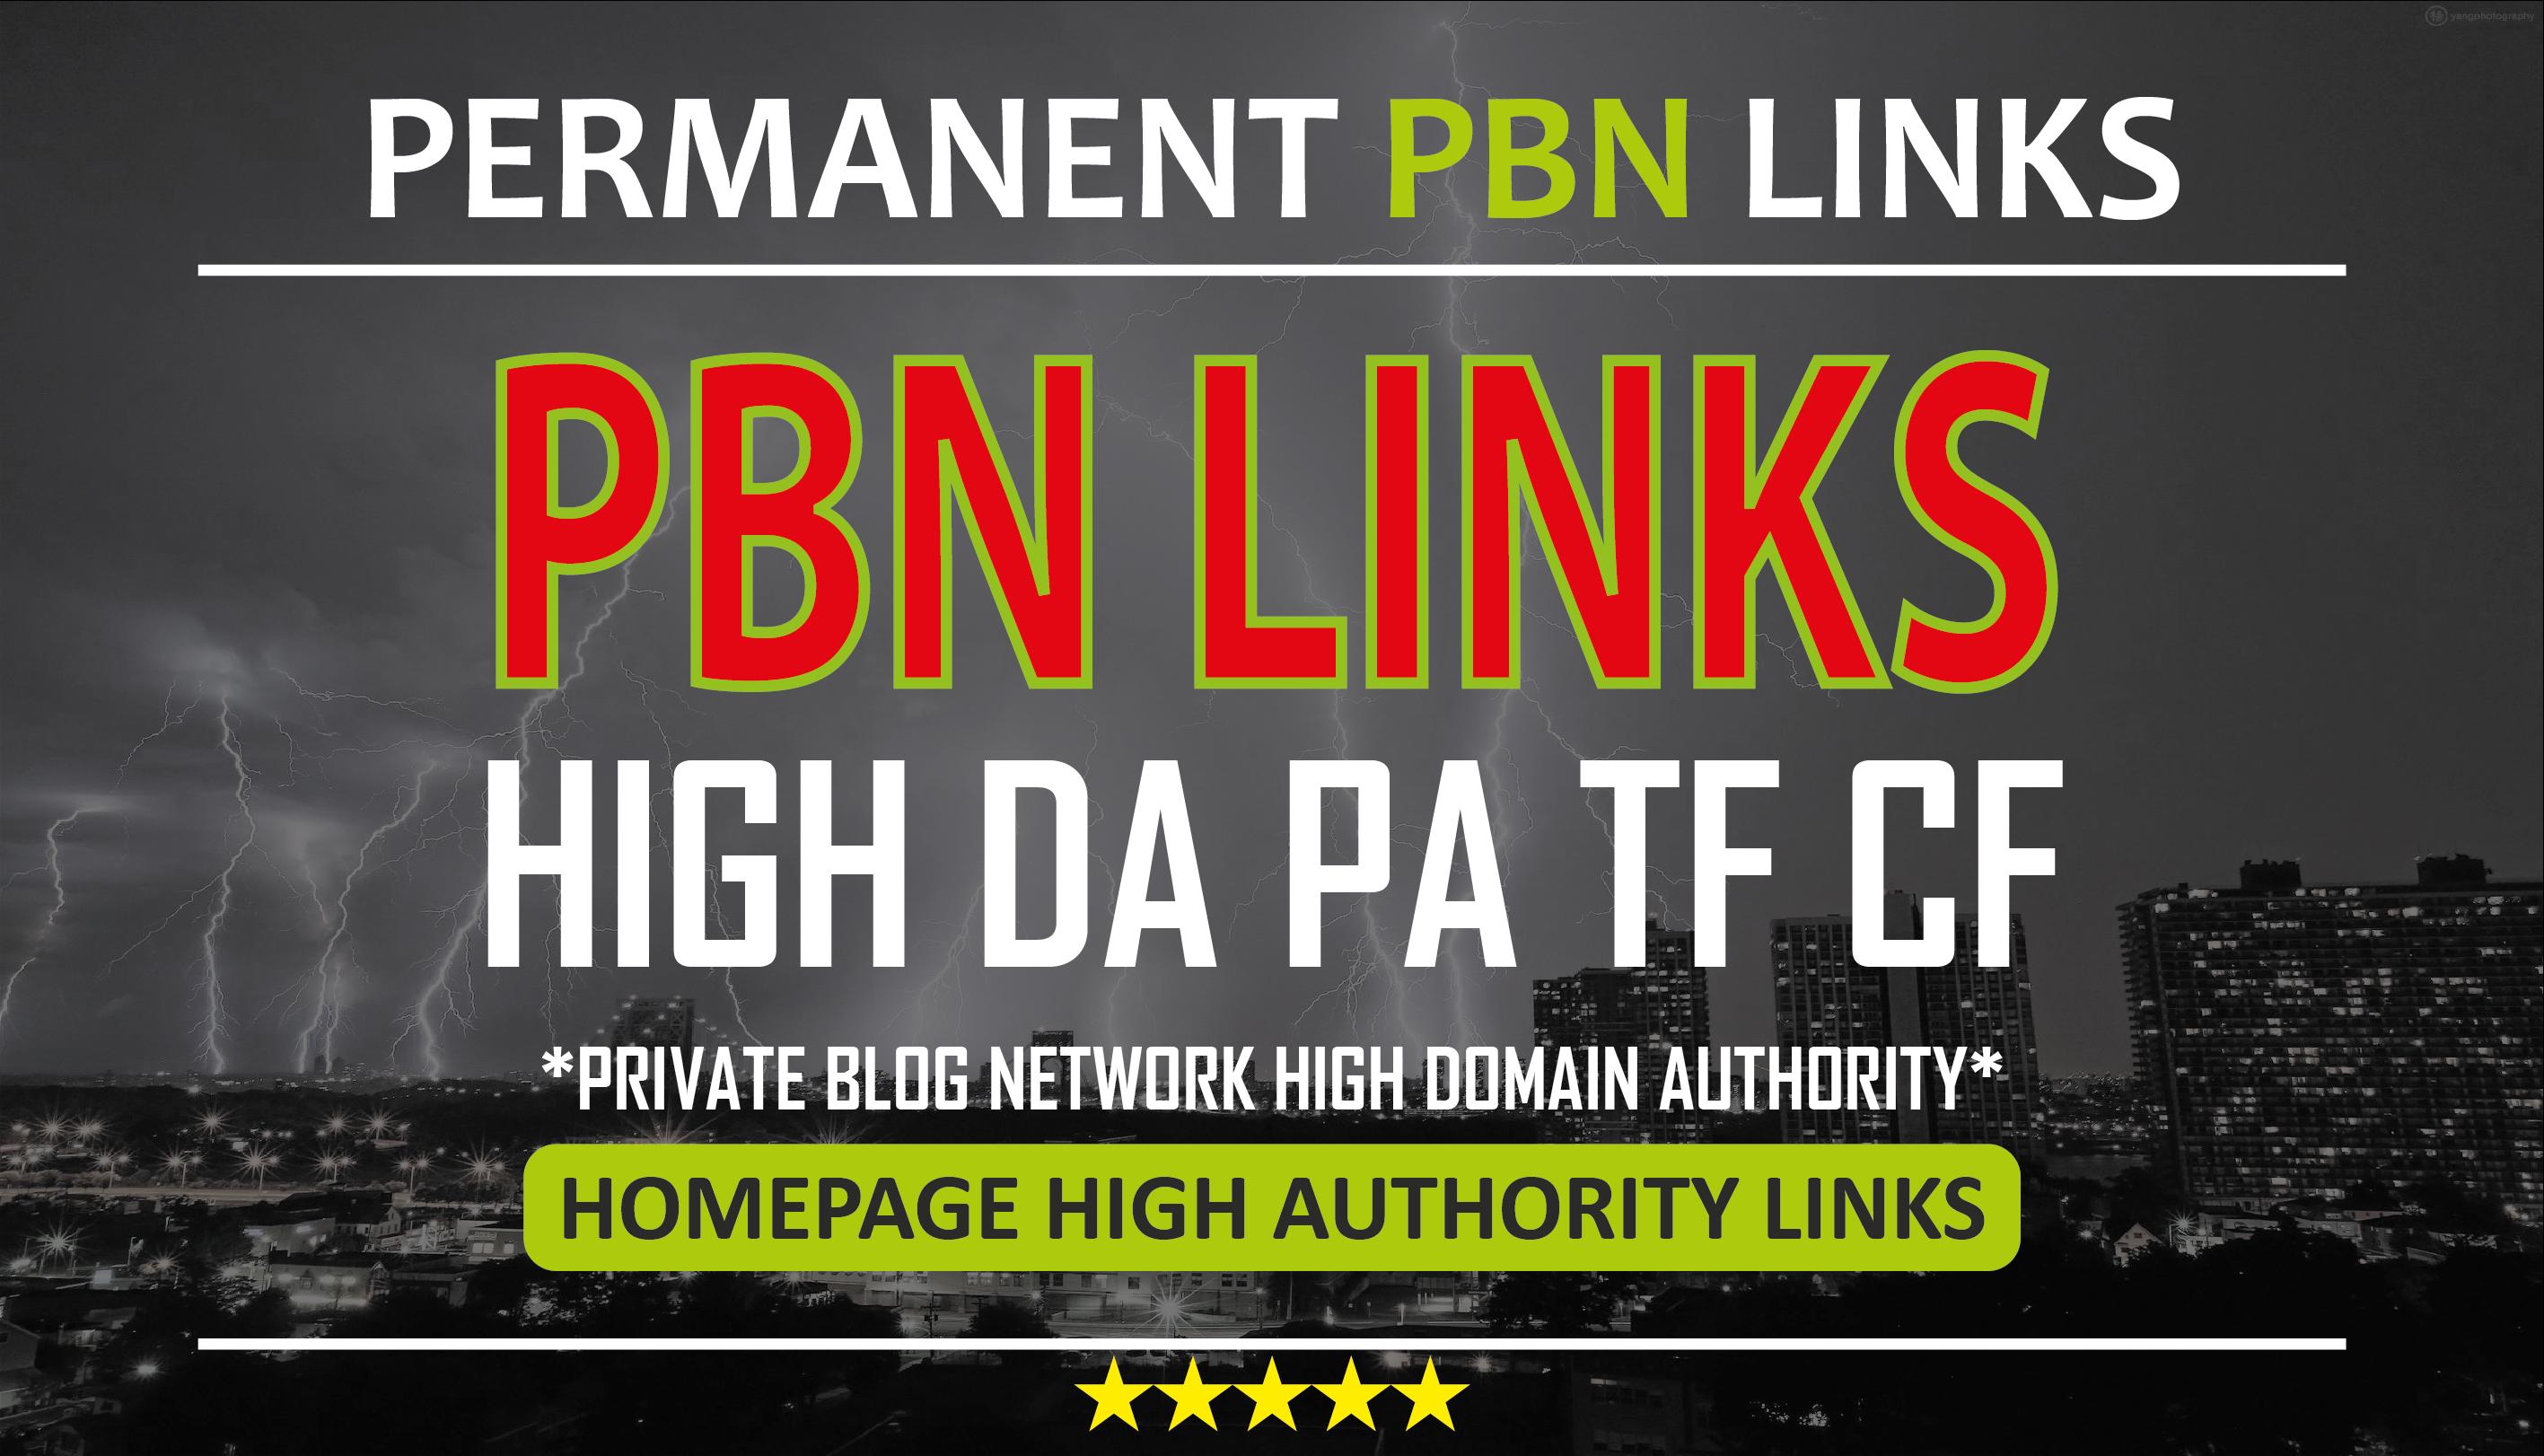 Create 10 High DA PA TF CF HomePage Dofollow PBN Backlinks